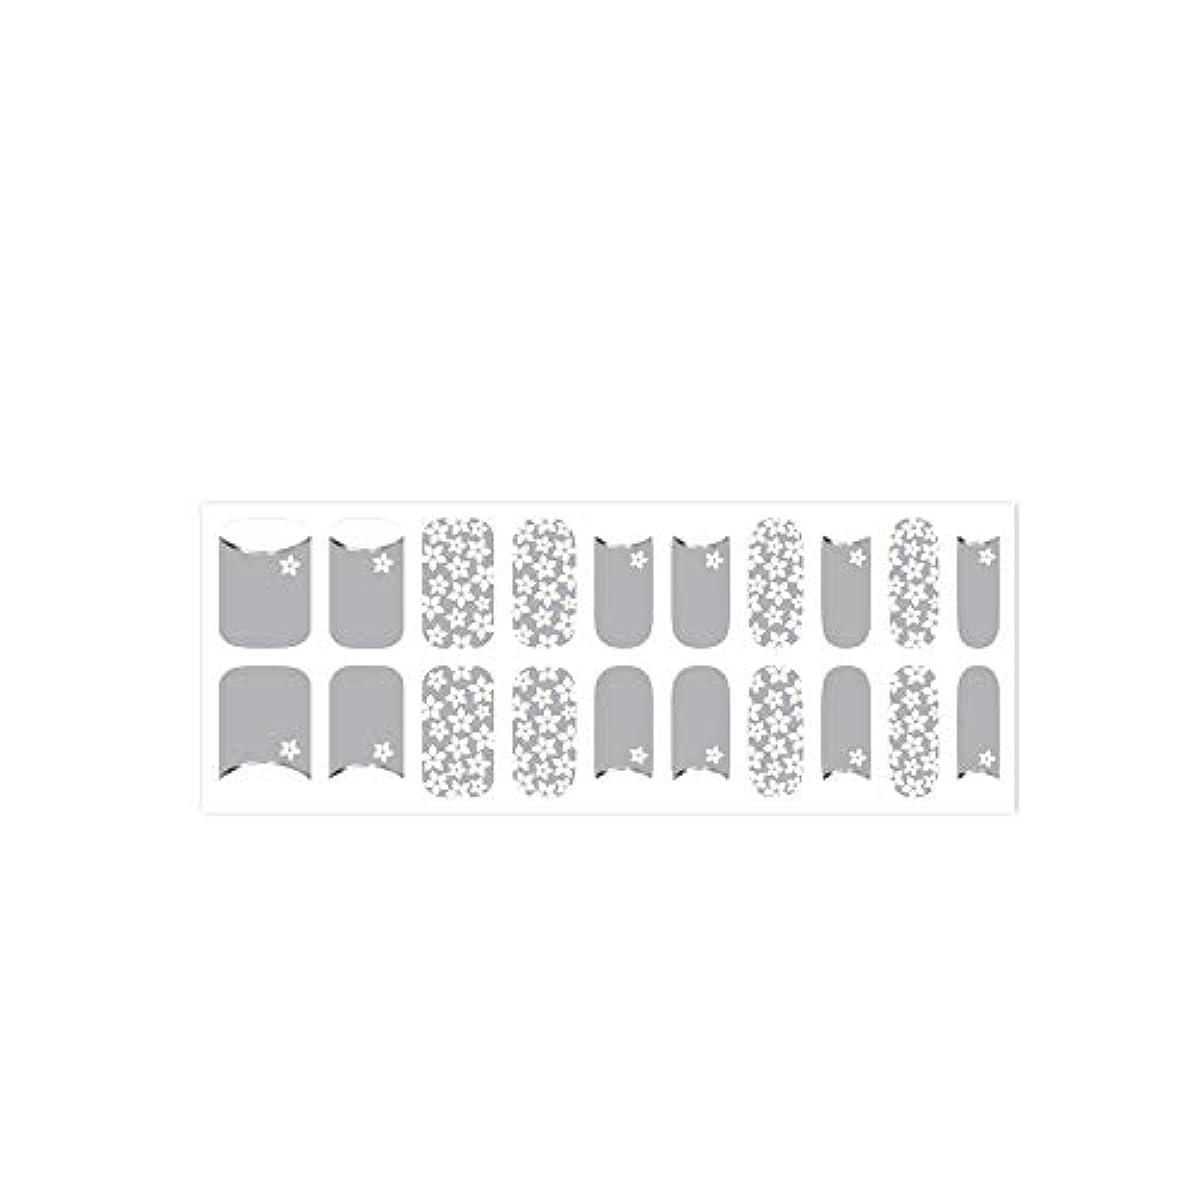 ガイダンス水銀の細心の爪に貼るだけで華やかになるネイルシート! 簡単セルフネイル ジェルネイル 20pcs ネイルシール ジェルネイルシール デコネイルシール VAVACOCO ペディキュア ハーフ かわいい 韓国 シンプル フルカバー ネイルパーツ...